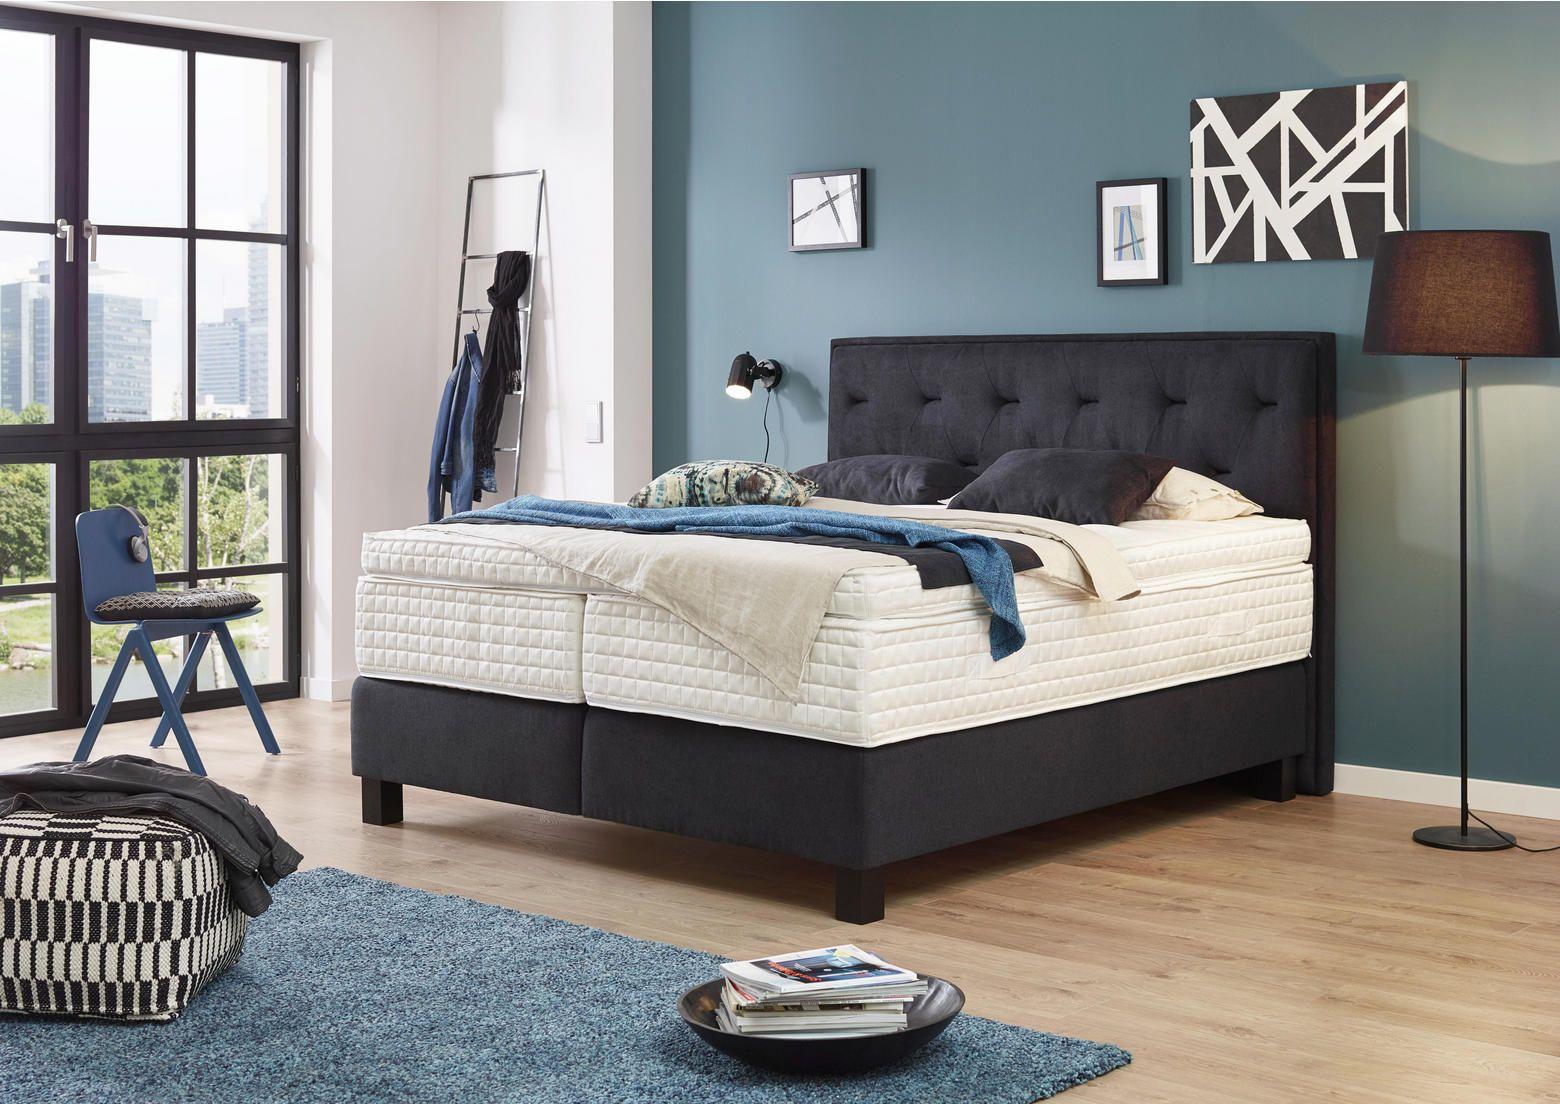 Boxspringbett 180x200 Textil Dunkelgrau Bett